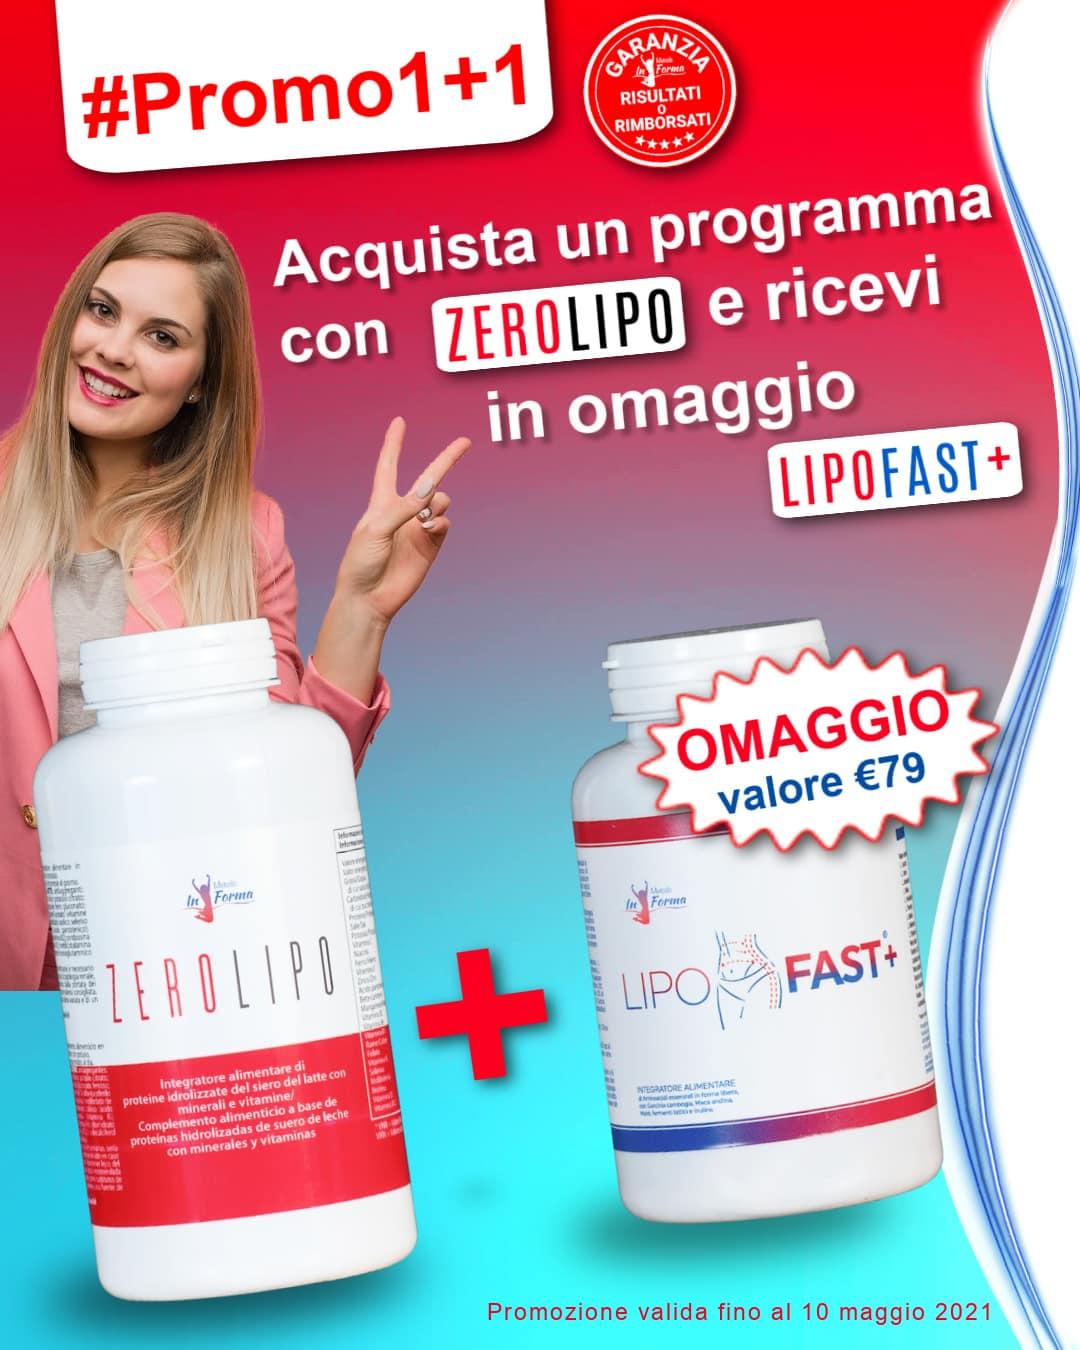 #Promo1+1 | Metodo InForma